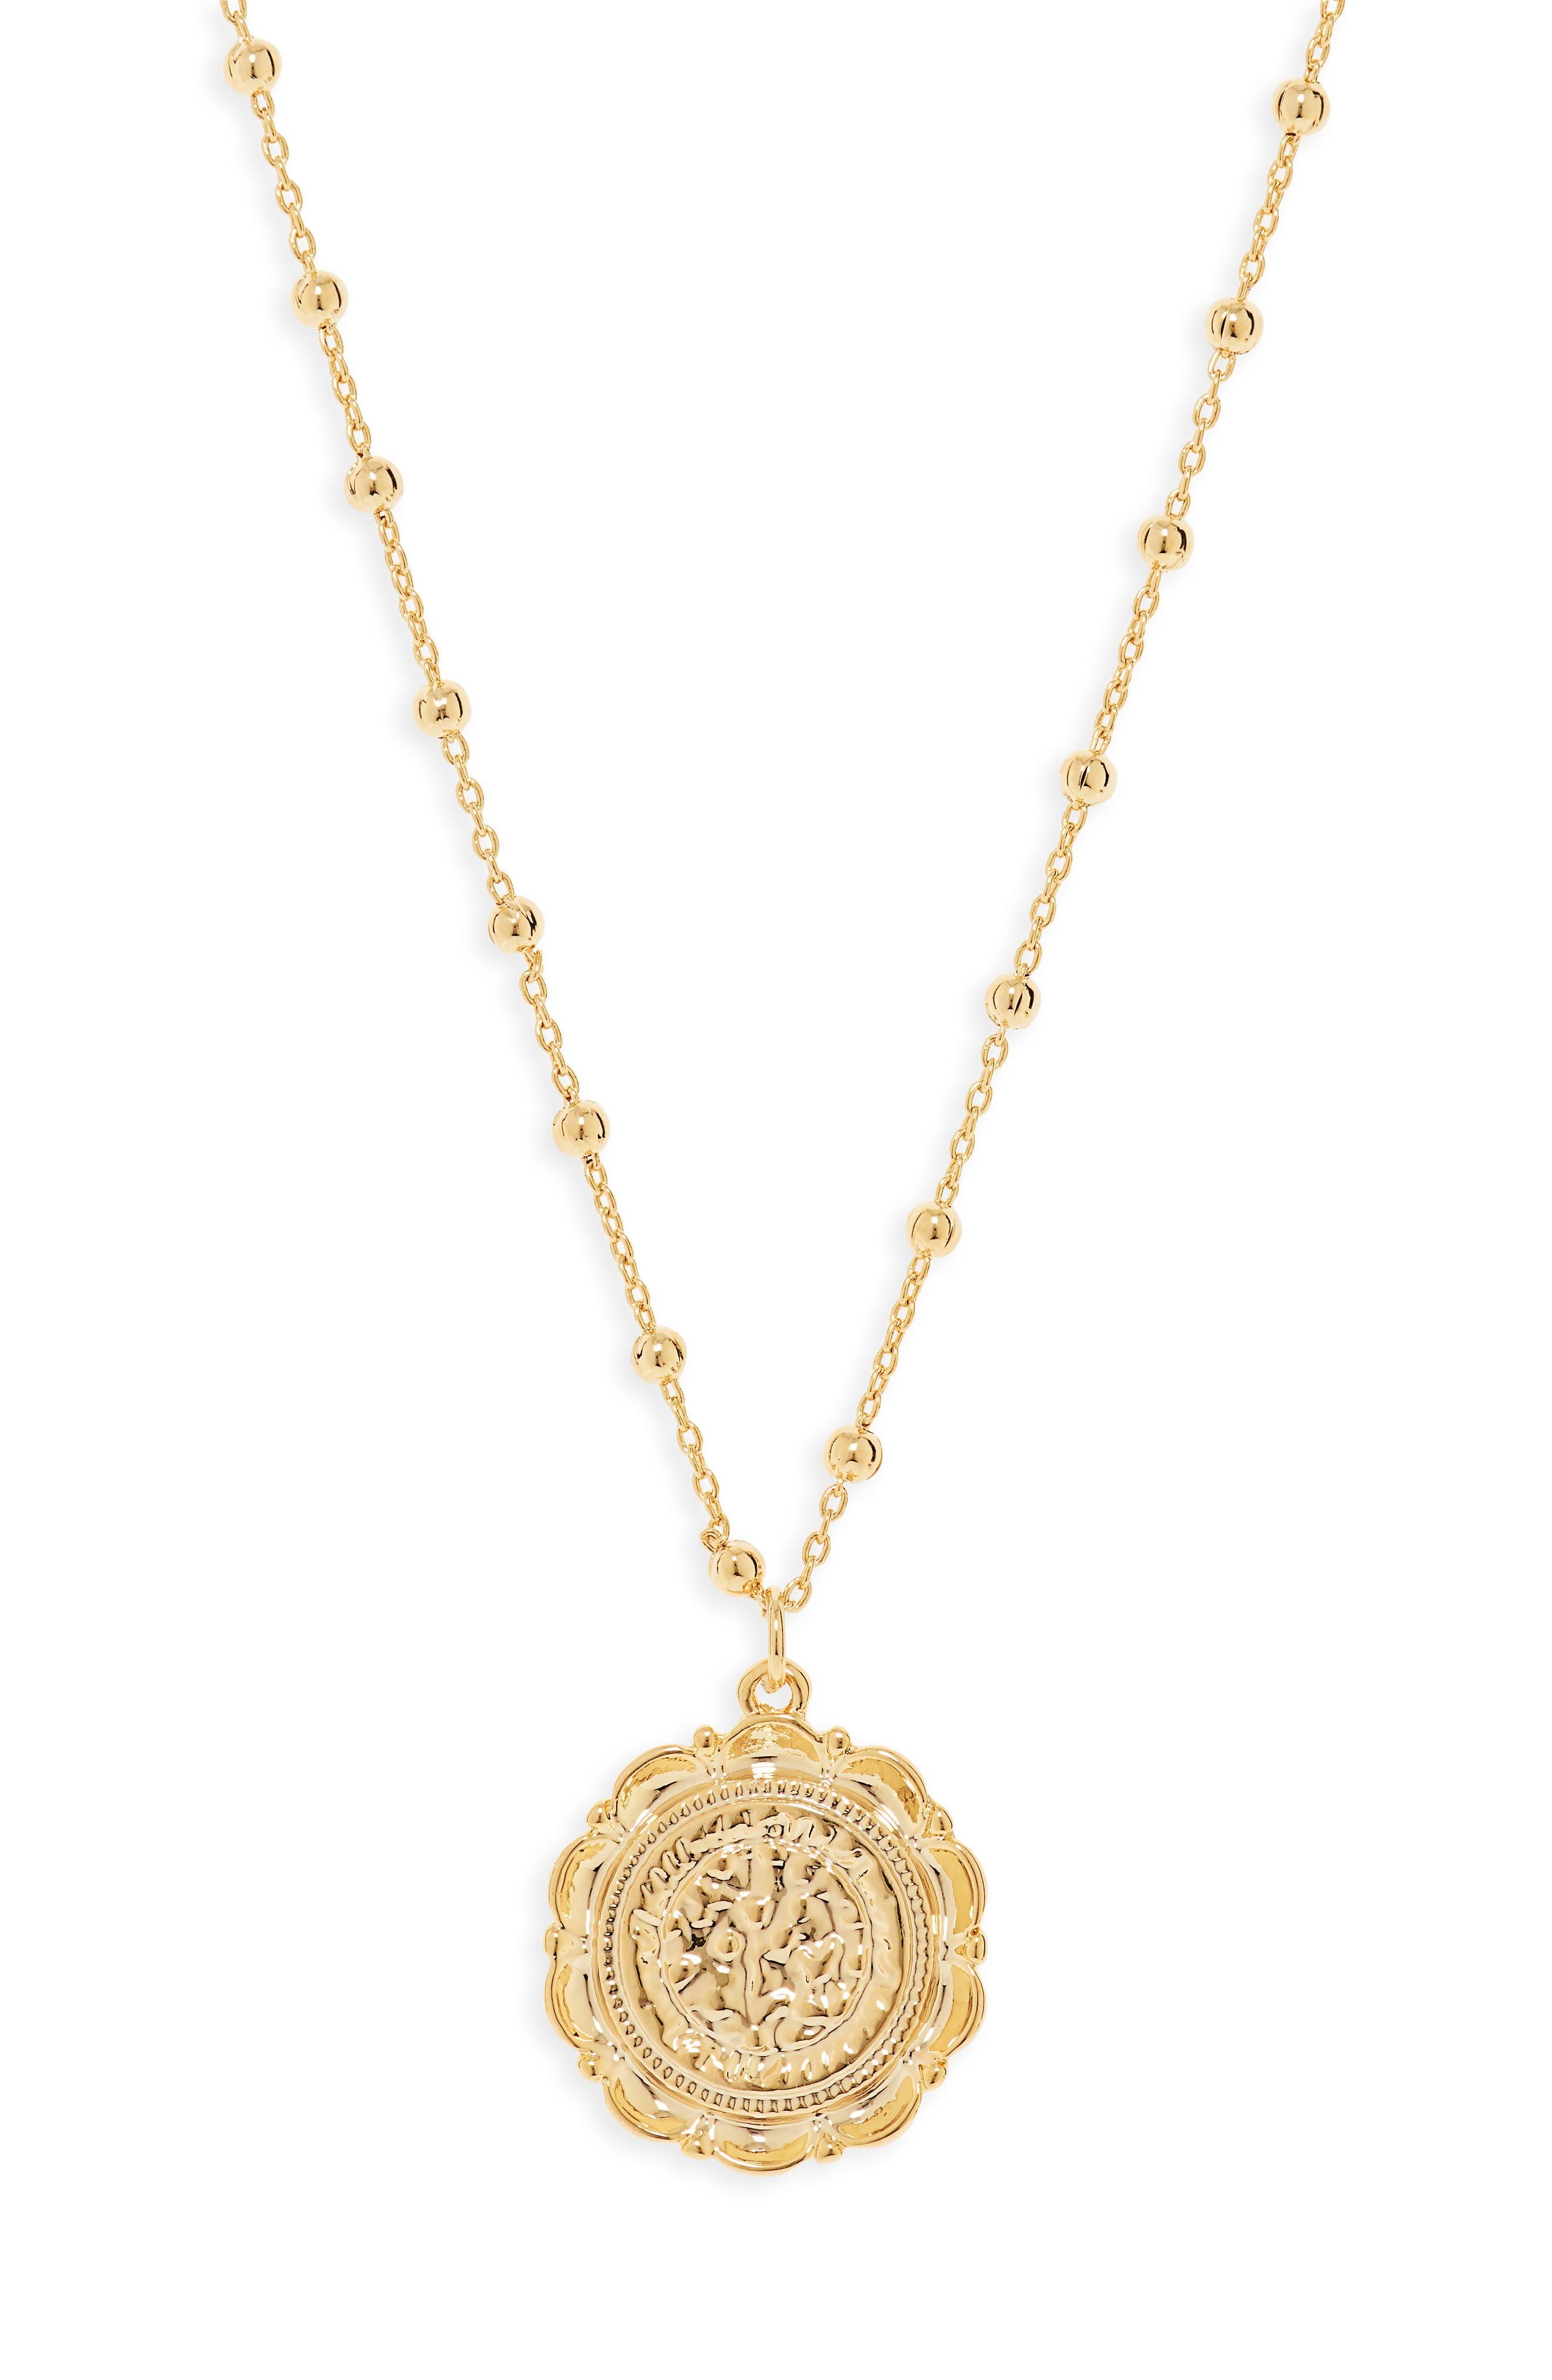 UNCOMMON JAMES BY KRISTIN CAVALLARI Atocha Coin Necklace, Main, color, GOLD